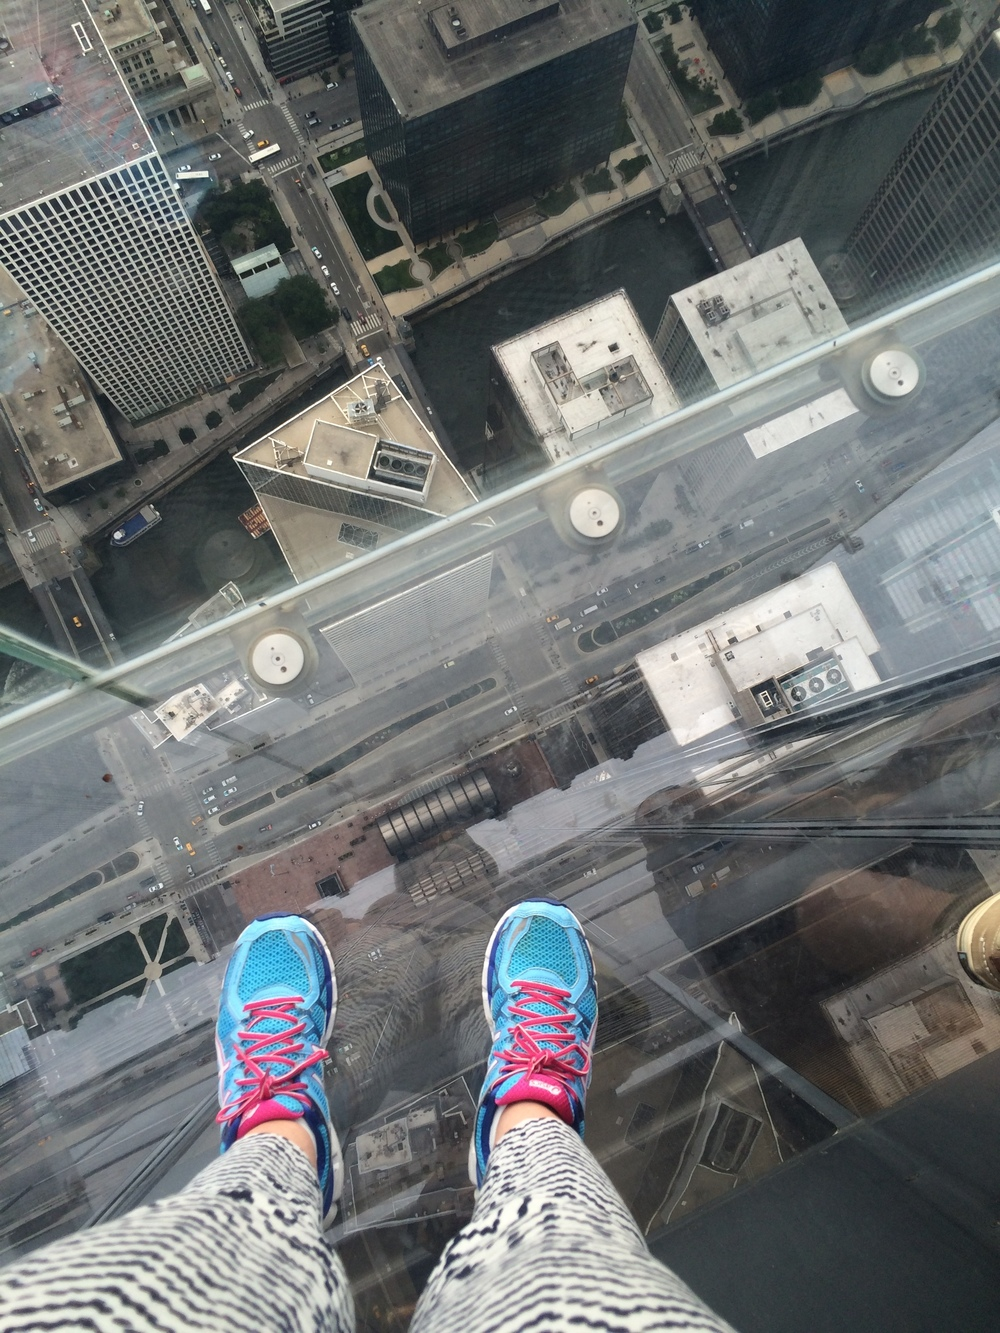 Este prédio, onde fica localizado o   Skydeck  , chama-se  Willis Tower . É o prédio da antiga loja de departamentos  Sears , lembra? Pena que as caixas do  Skydeck  ficam num lado com vista menos interessante que a da foto acima. Mas mesmo assim vale a sensação de estar flutuando sobre a cidade.